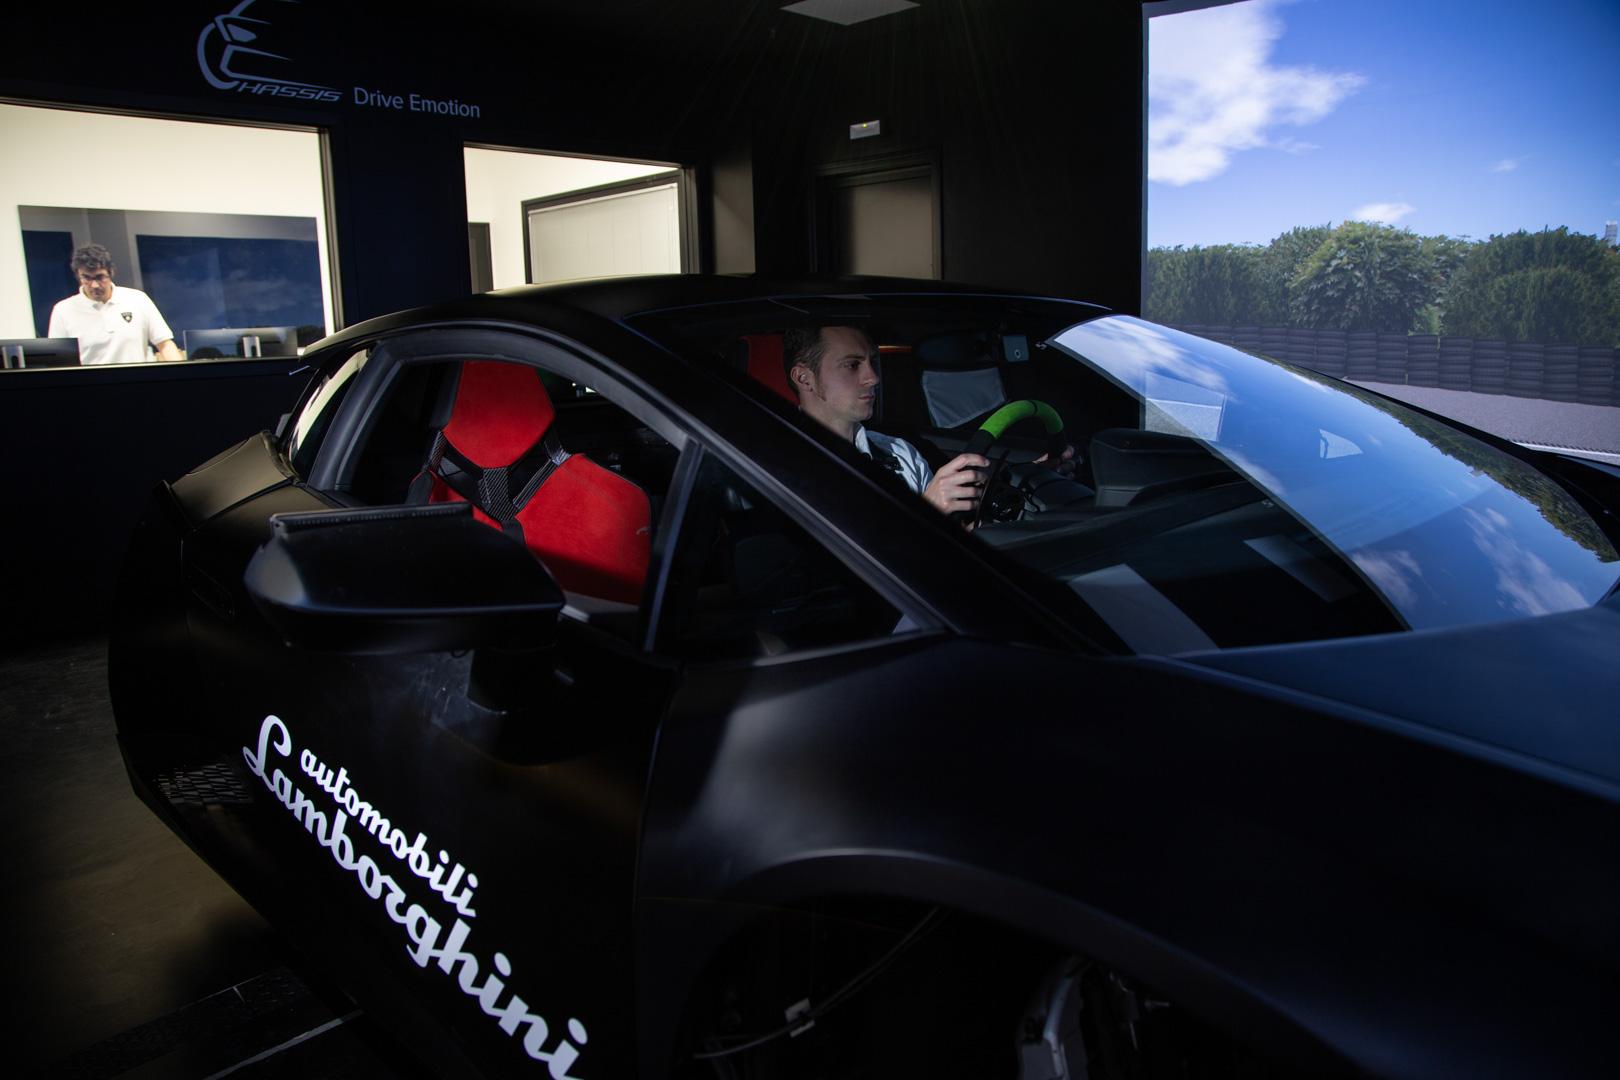 Lamborghini-Huracan-STO-Focu5on-1.jpg